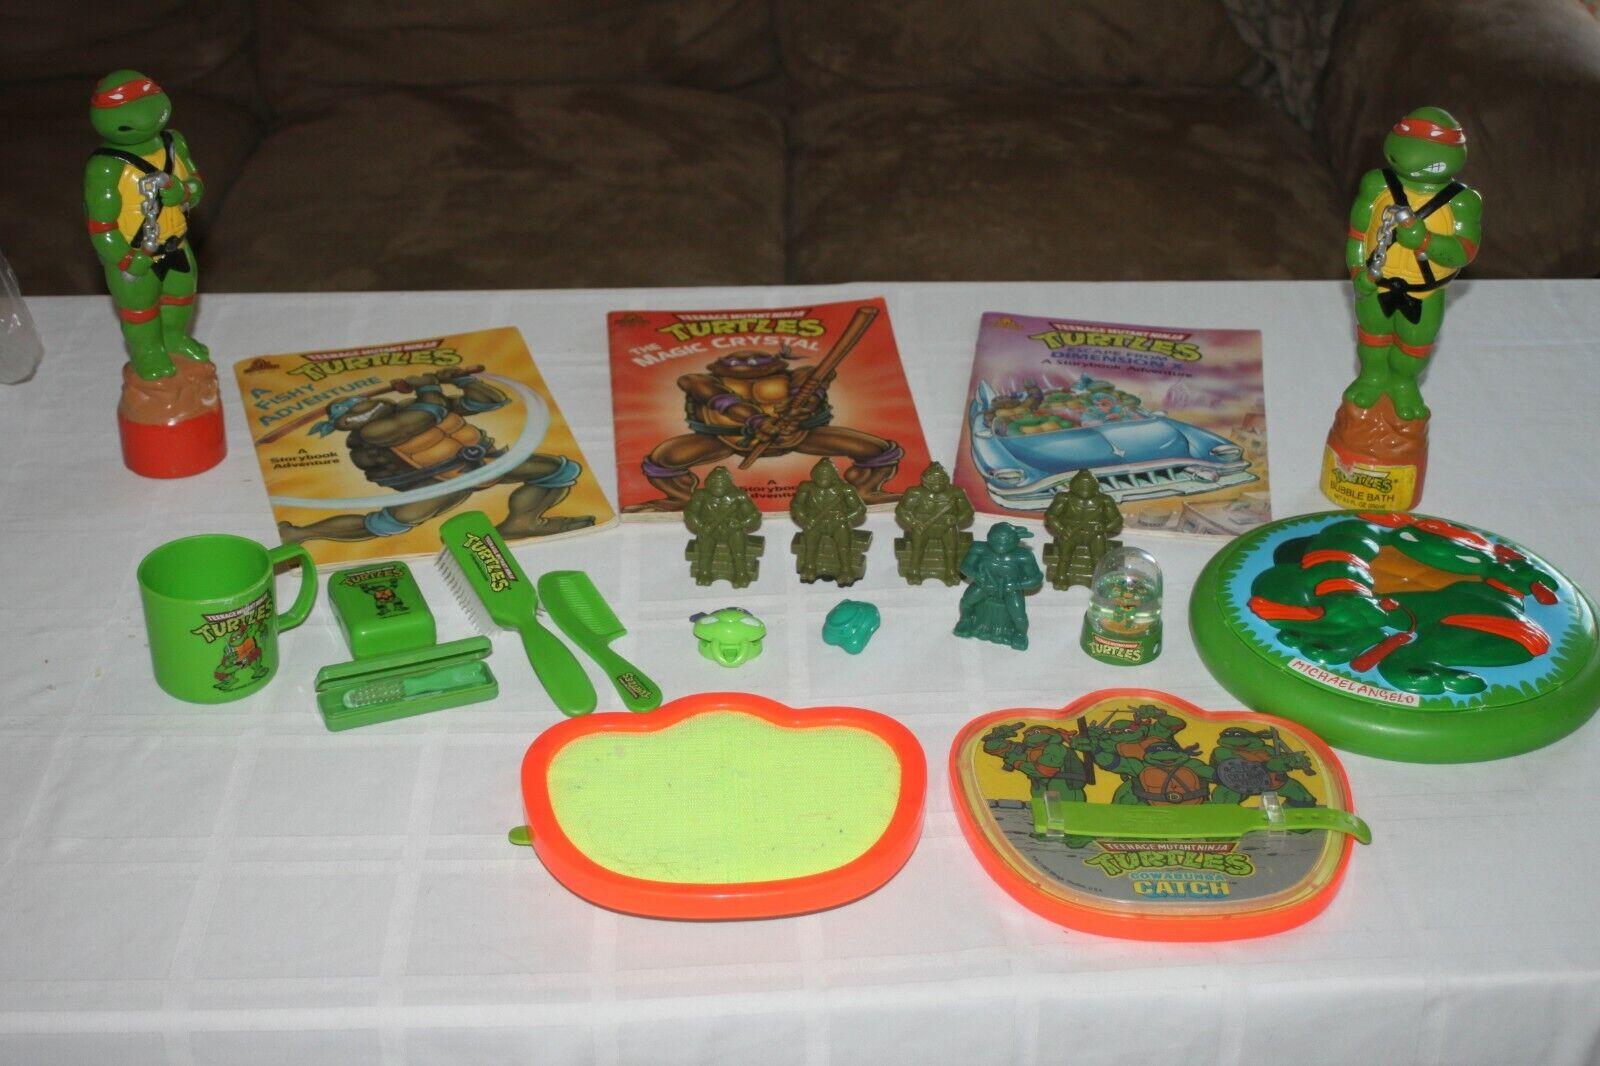 VTG Huge lot of Vintage TNMT Teenage Mutant Ninja Turtle Books Toys Misc